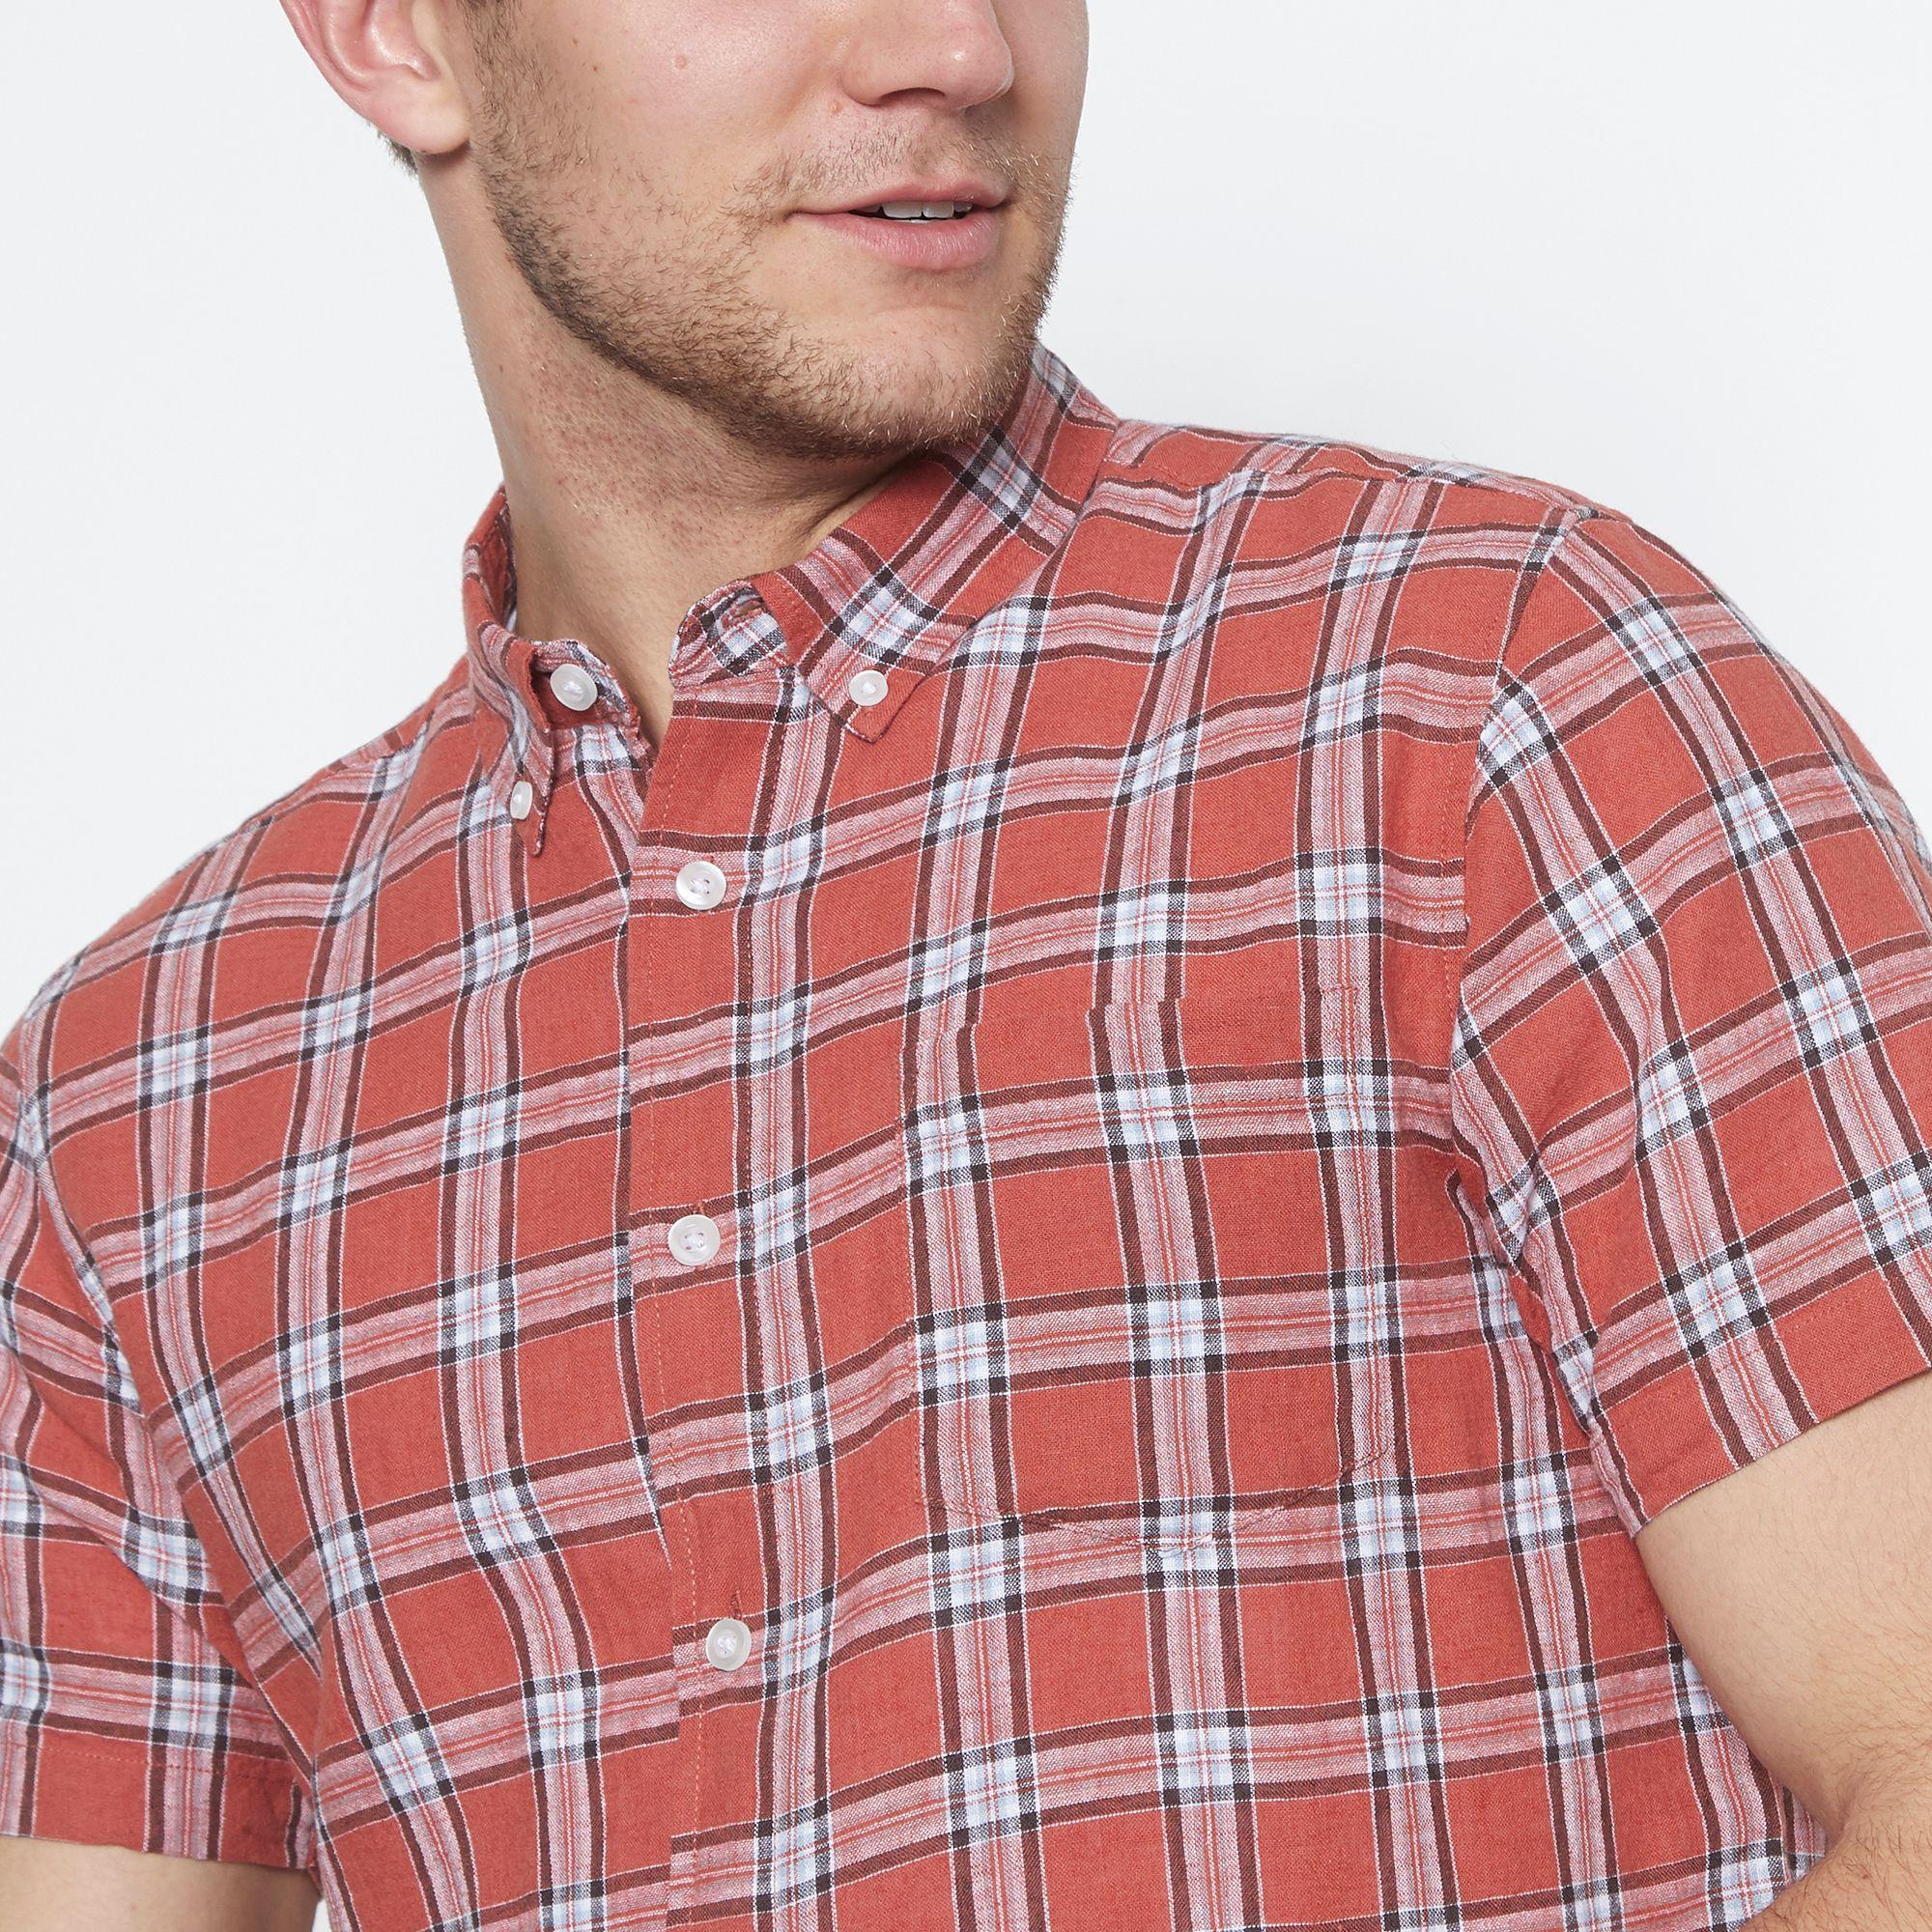 91e41e037 Jacamo - Red Checked Short Sleeve Regular Fit Linen Blend Shirt for Men -  Lyst. View fullscreen